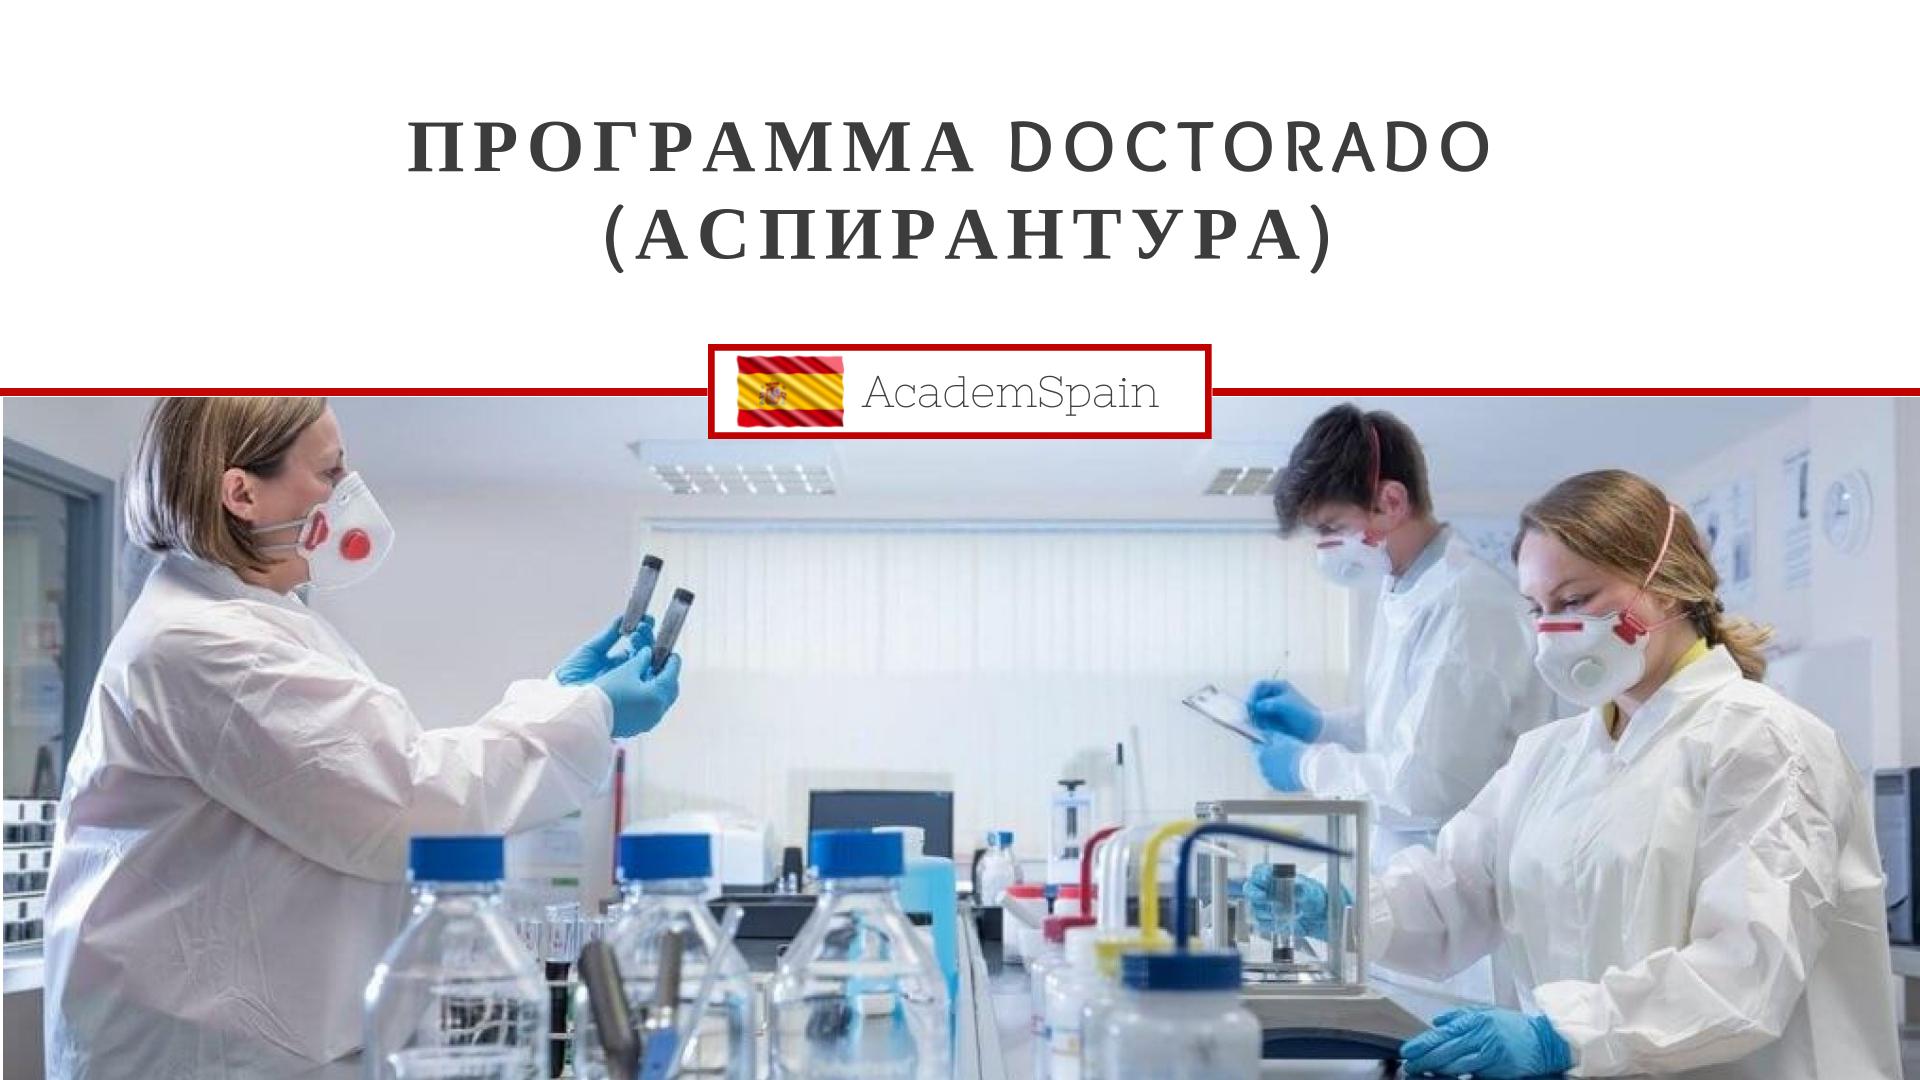 Программа Doctorado (Аспирантура)